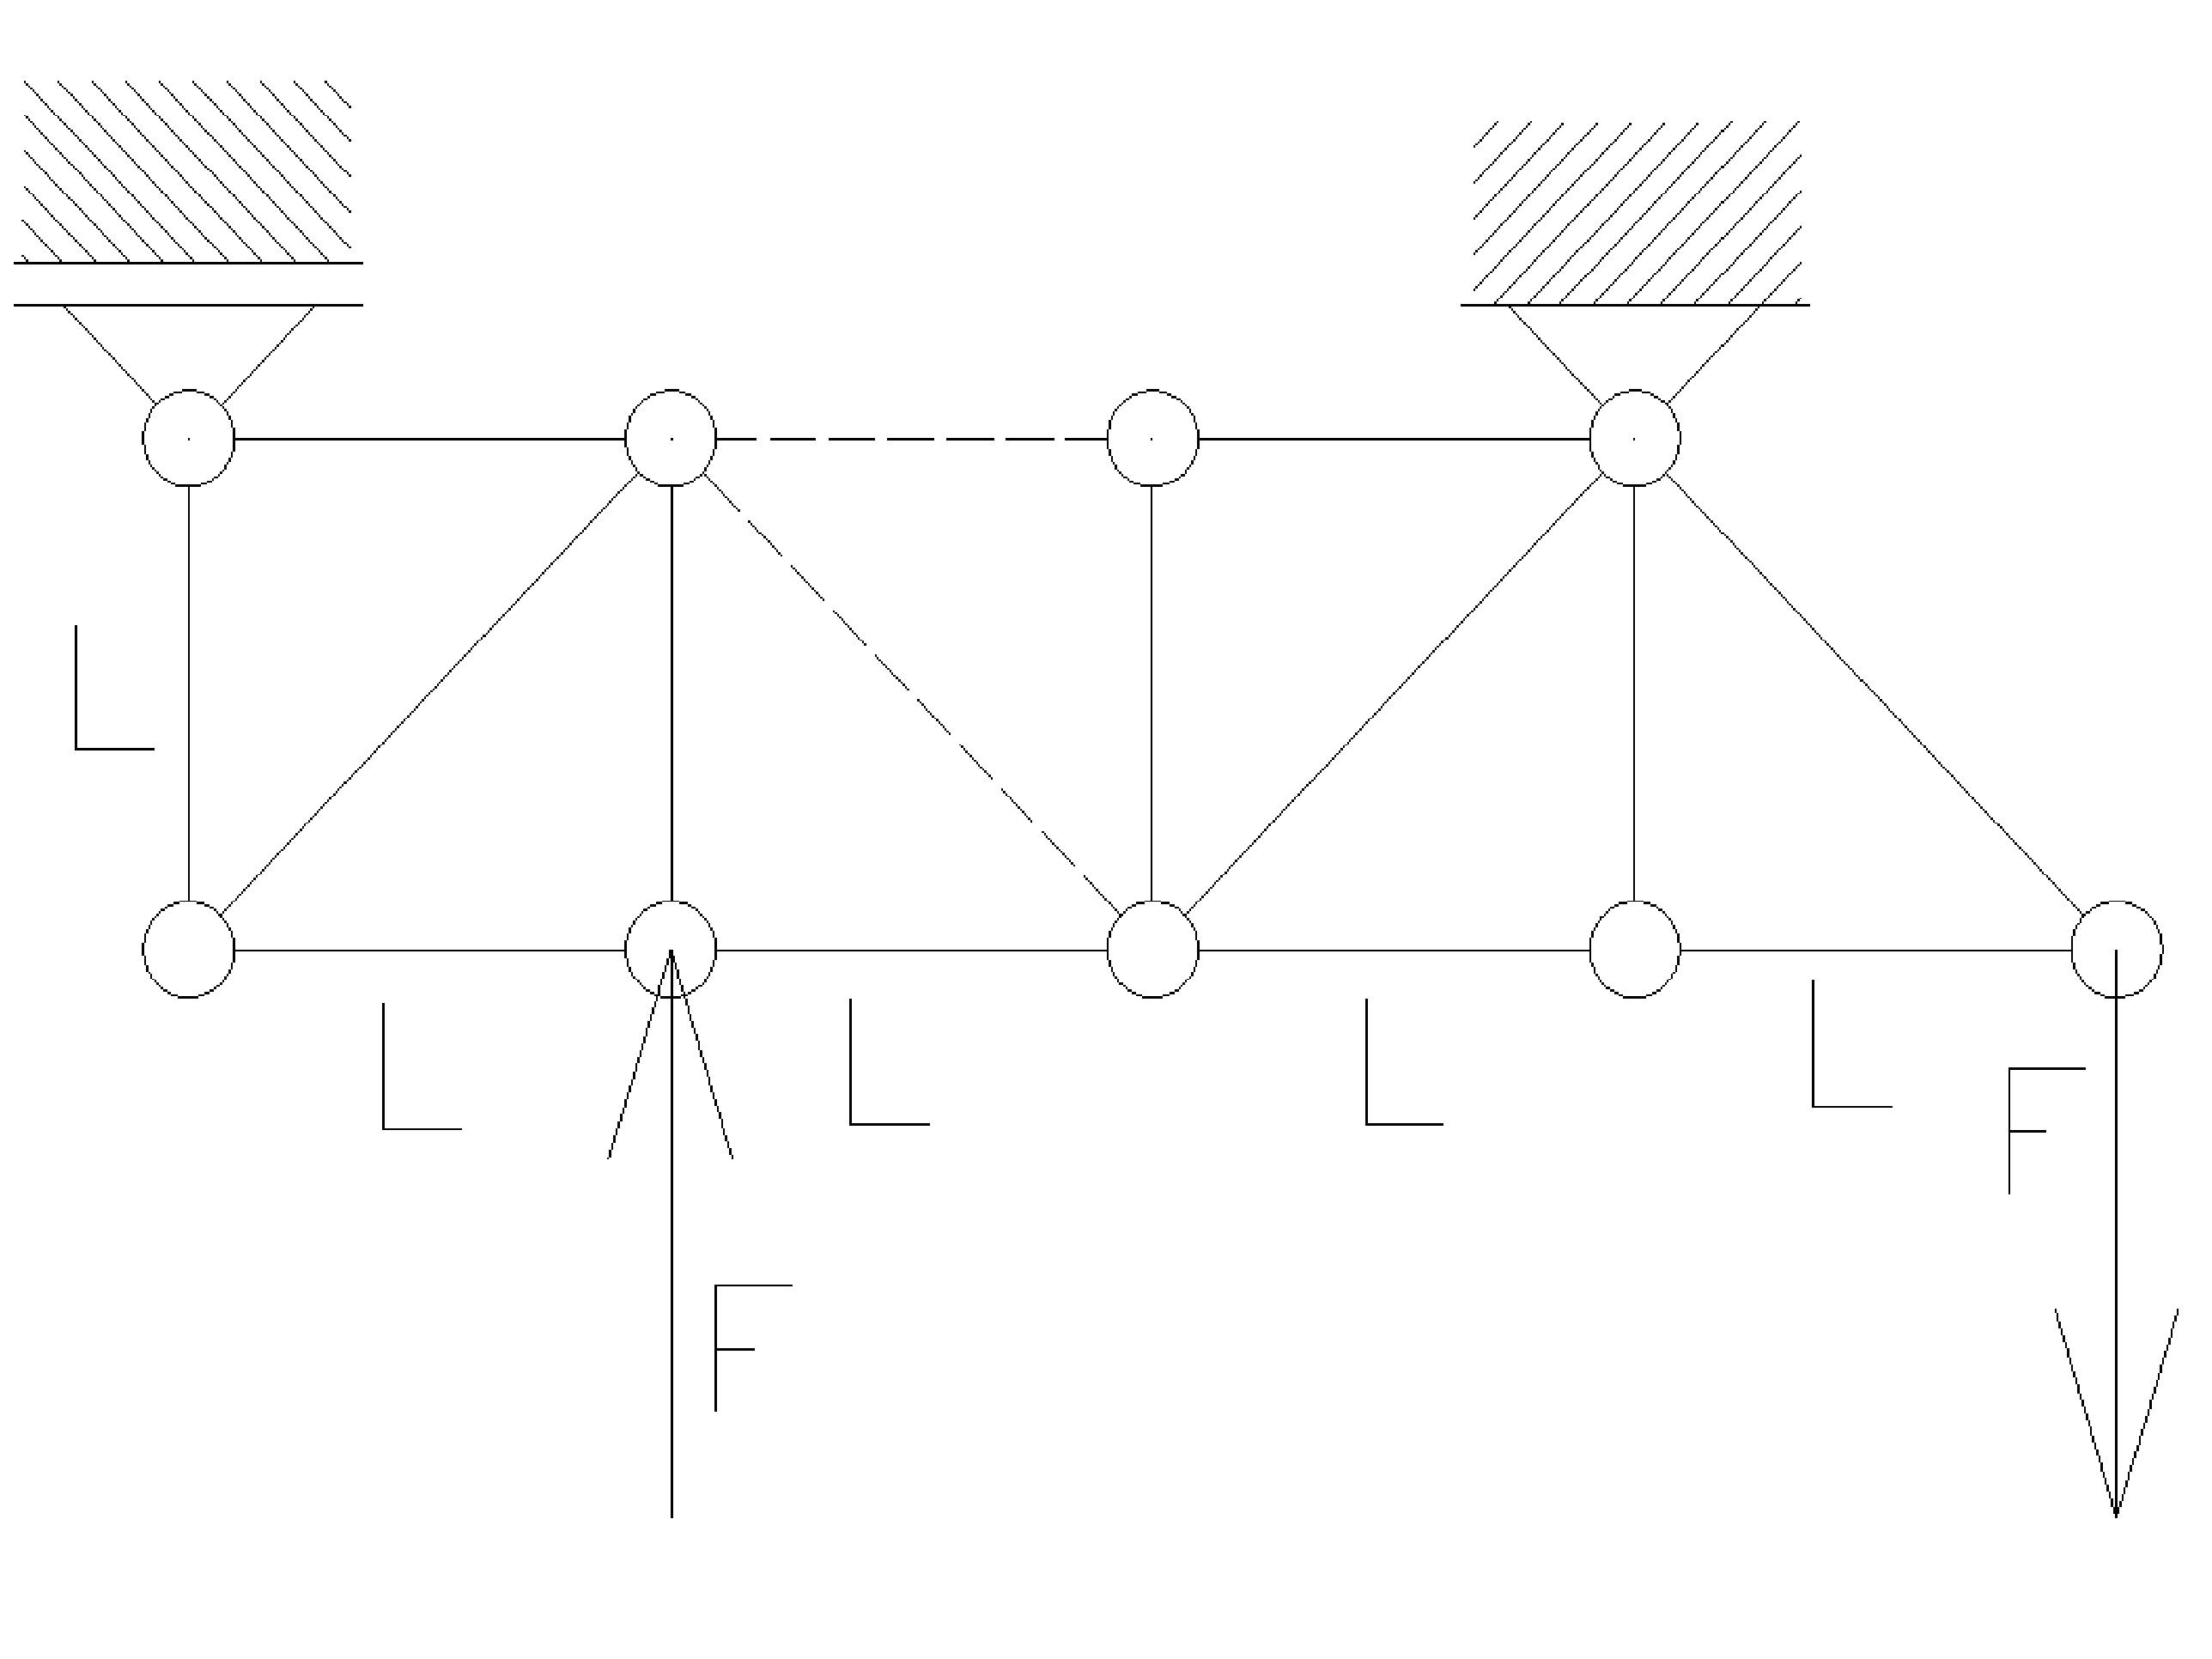 rozciaganie15 - Kratownica - metoda przecięć - statyka -zadanie 28